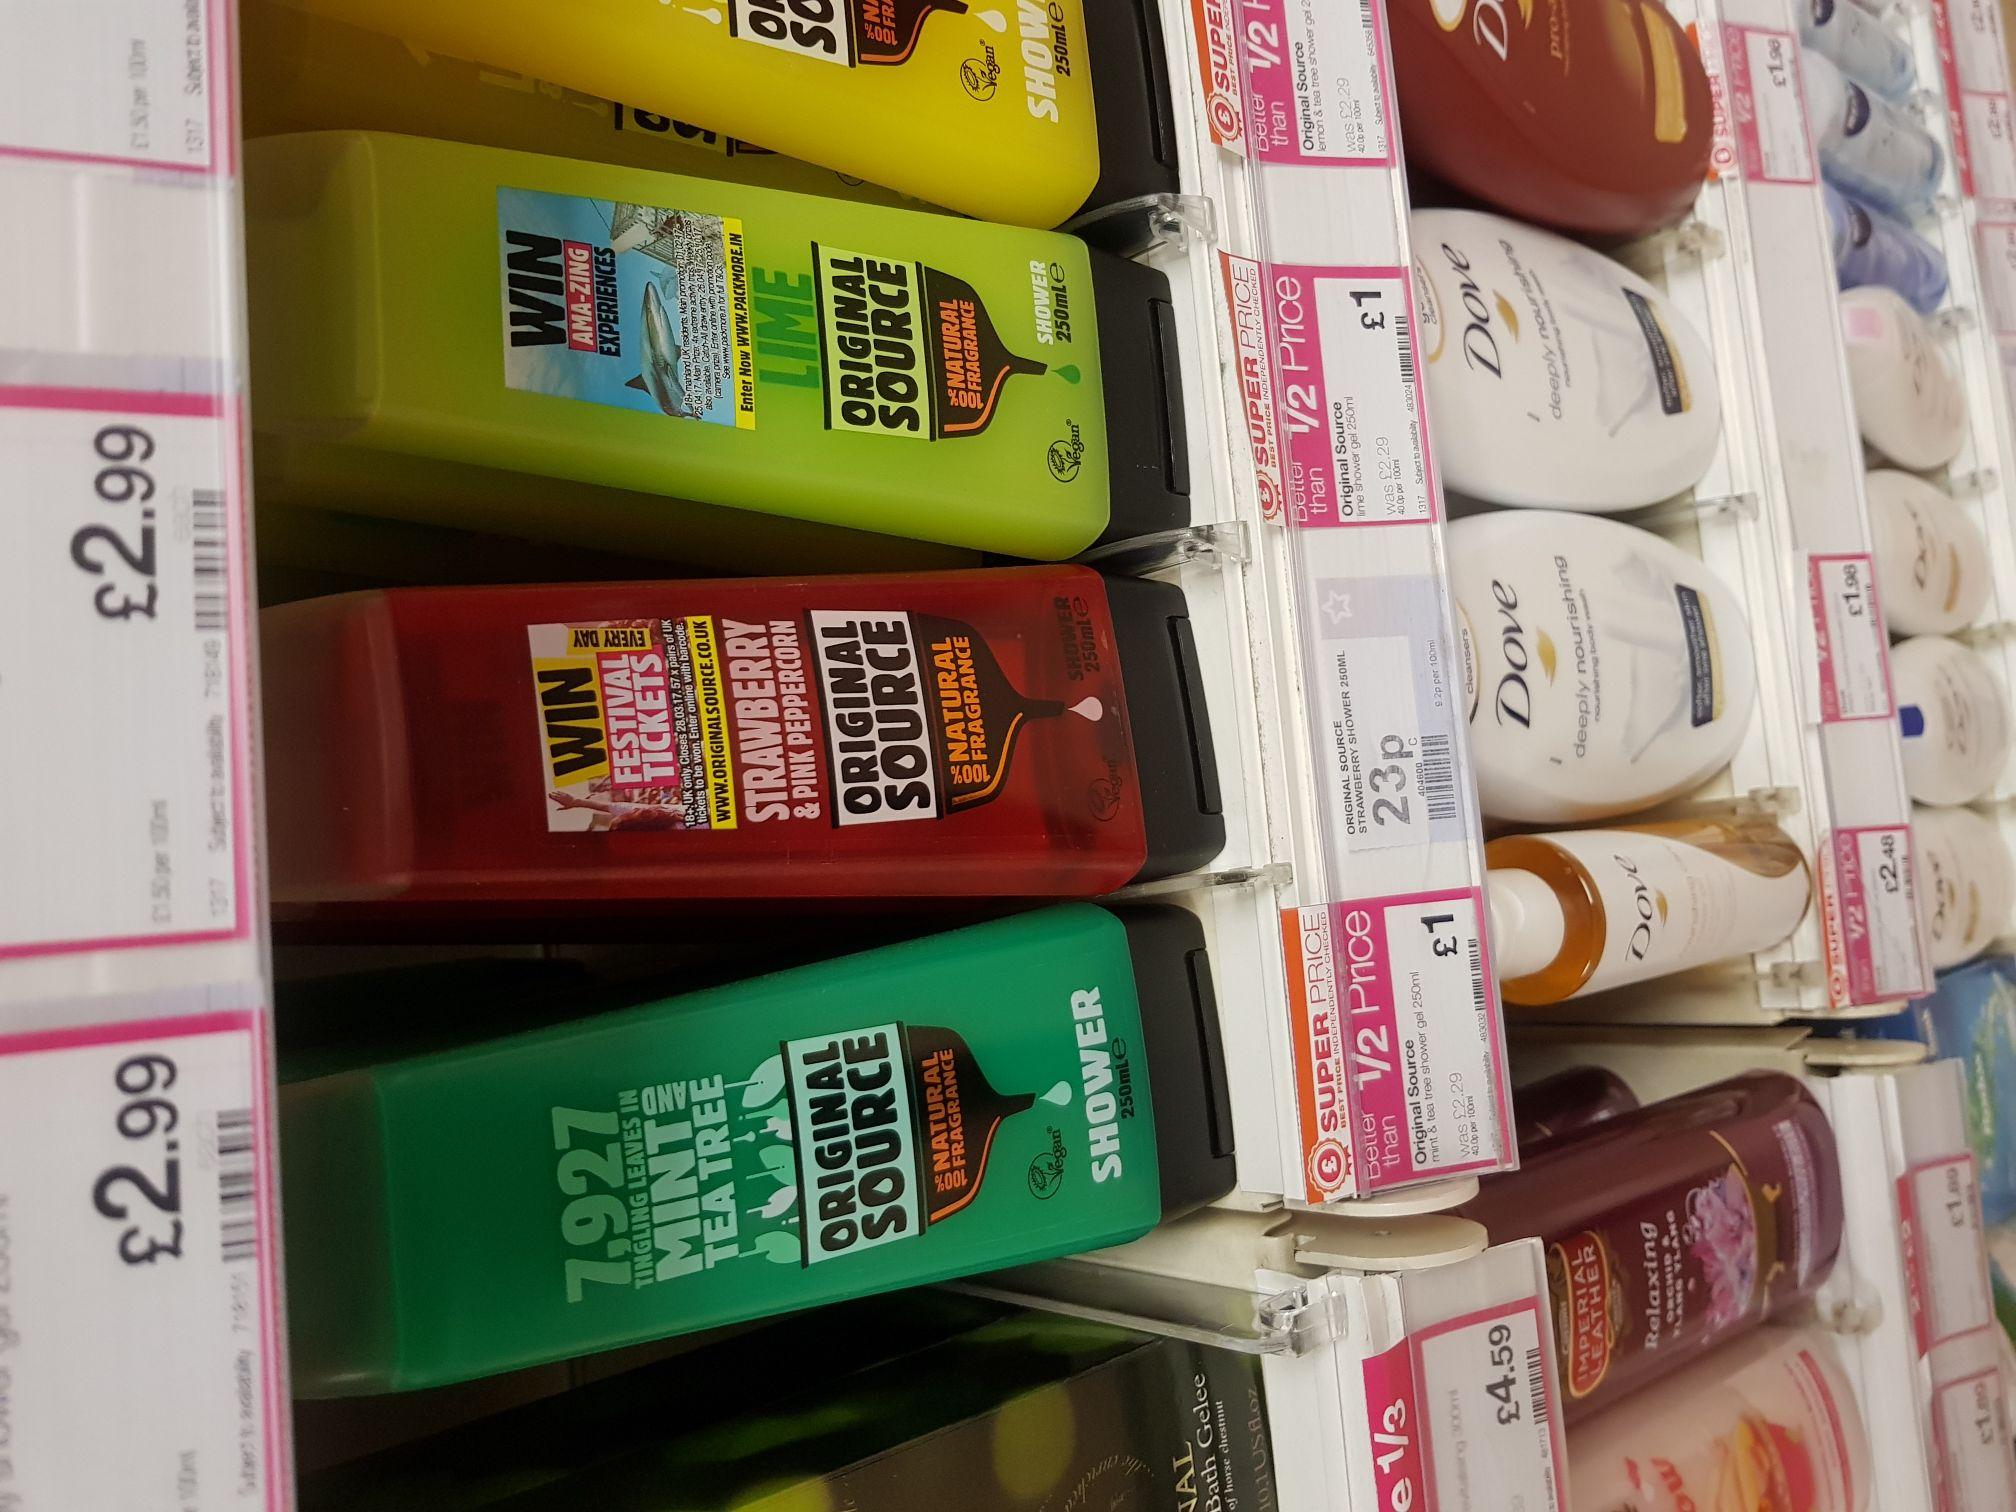 23p Original source 'strawberry & pink peppercorn' shower gel instore at superdrug